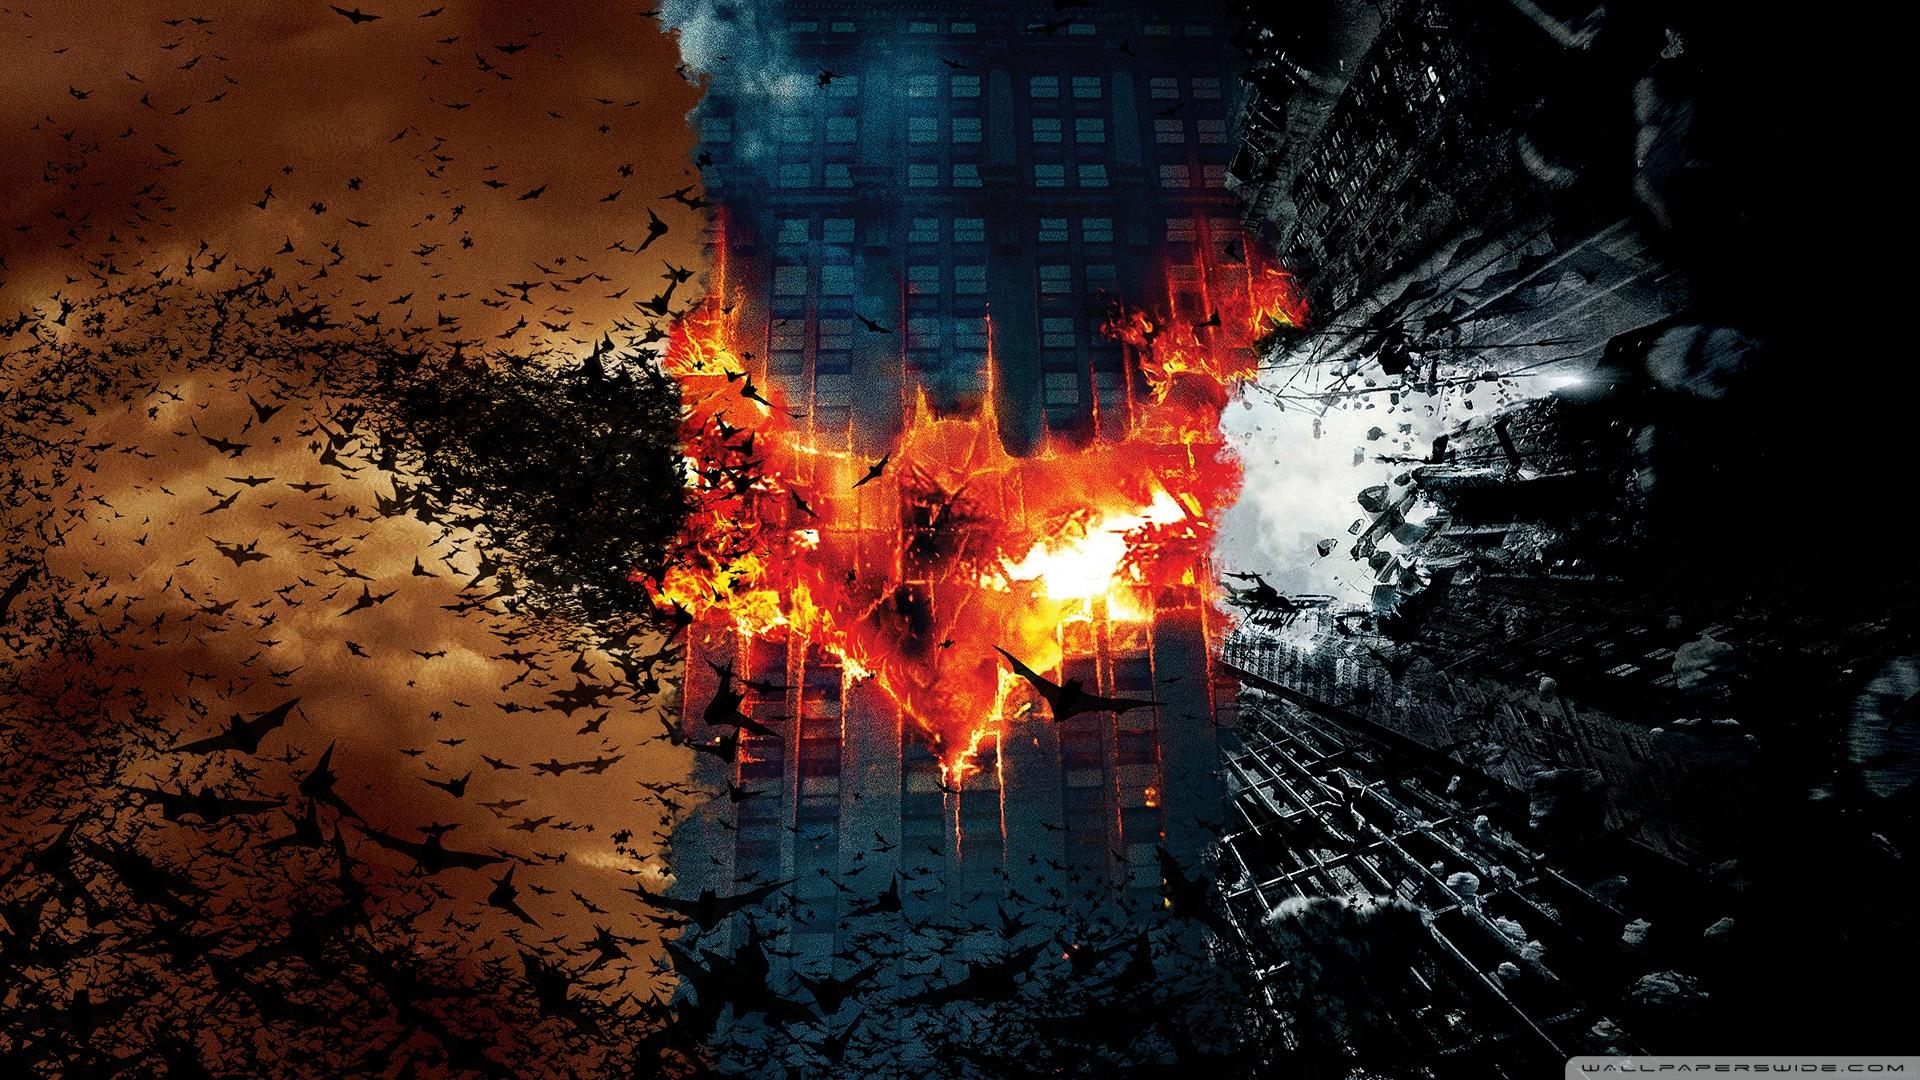 batman_trilogy-wallpaper-1920x1080